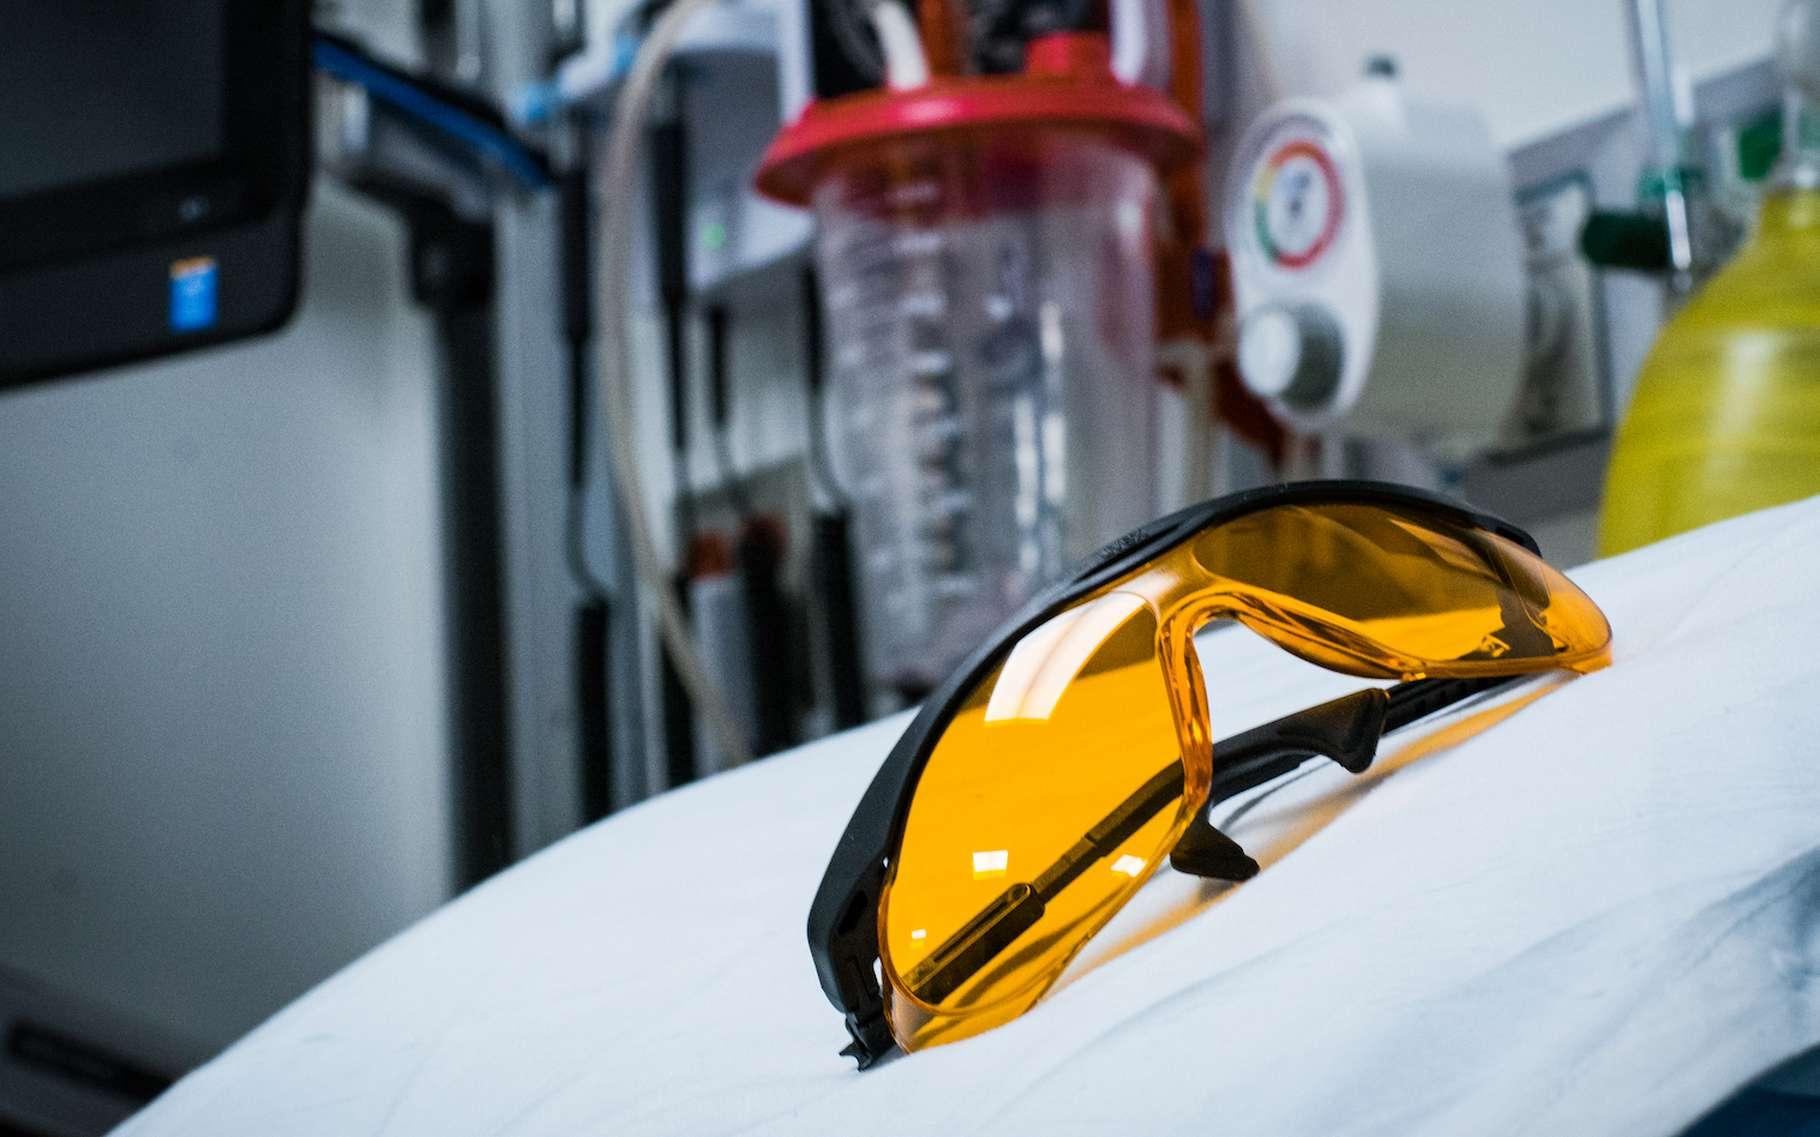 Des neuroscientifiques estiment que le port de lunettes filtrant la lumière bleue – que les chercheurs ont liée à l'inflammation, à la mort des cellules cérébrales et à une mortalité accrue – pourrait aider les patients cardiaques à mieux récupérer. © Université de Virginie de l'Ouest